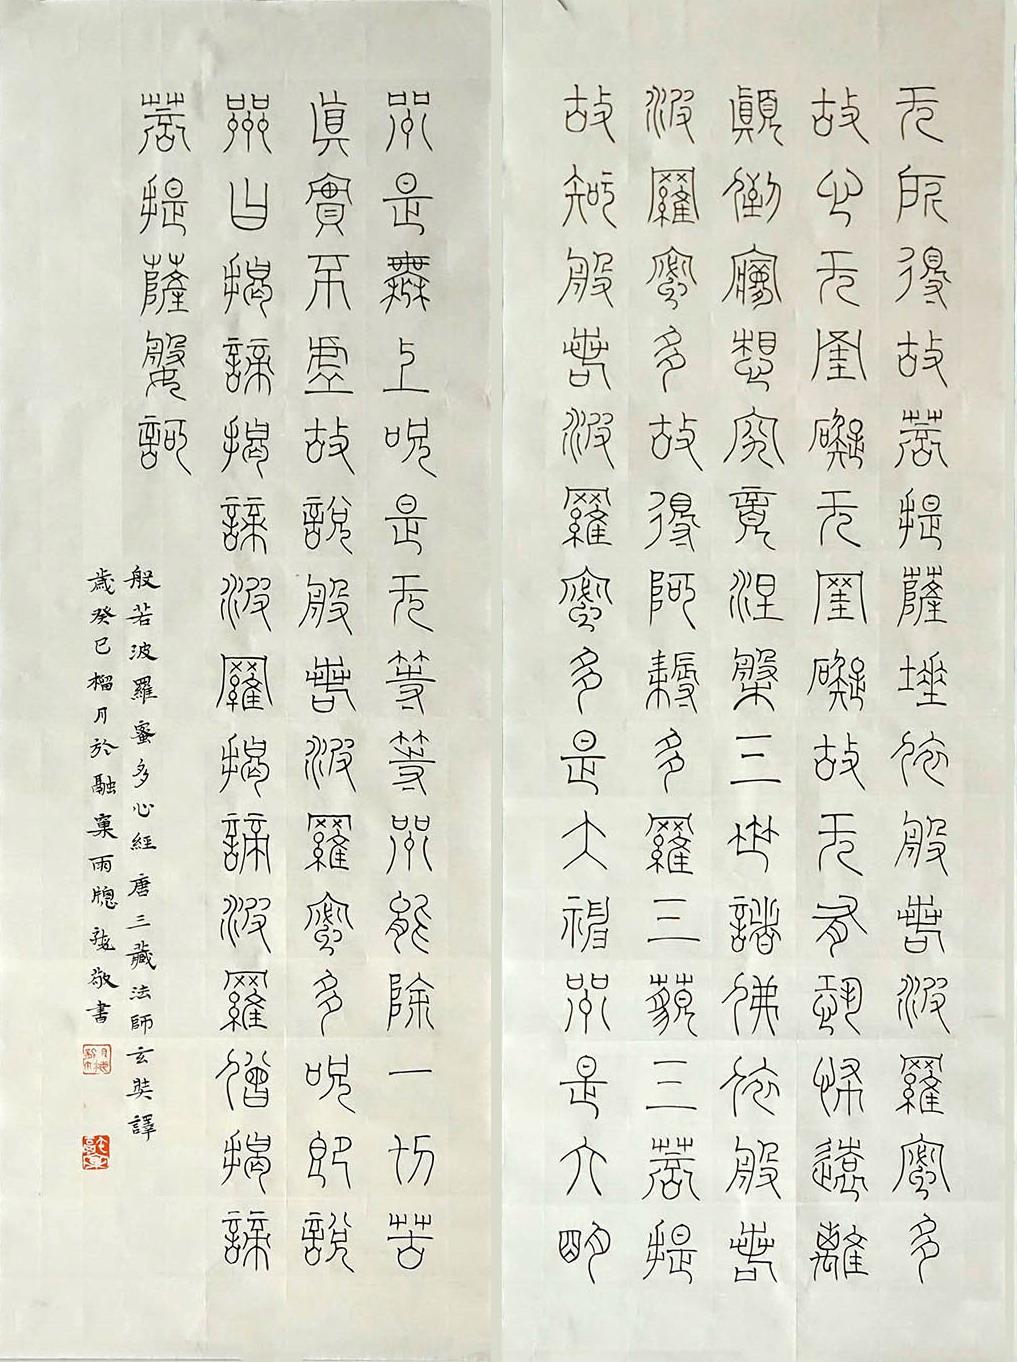 当代书法家尹海龙篆书《般若波罗蜜多心经》